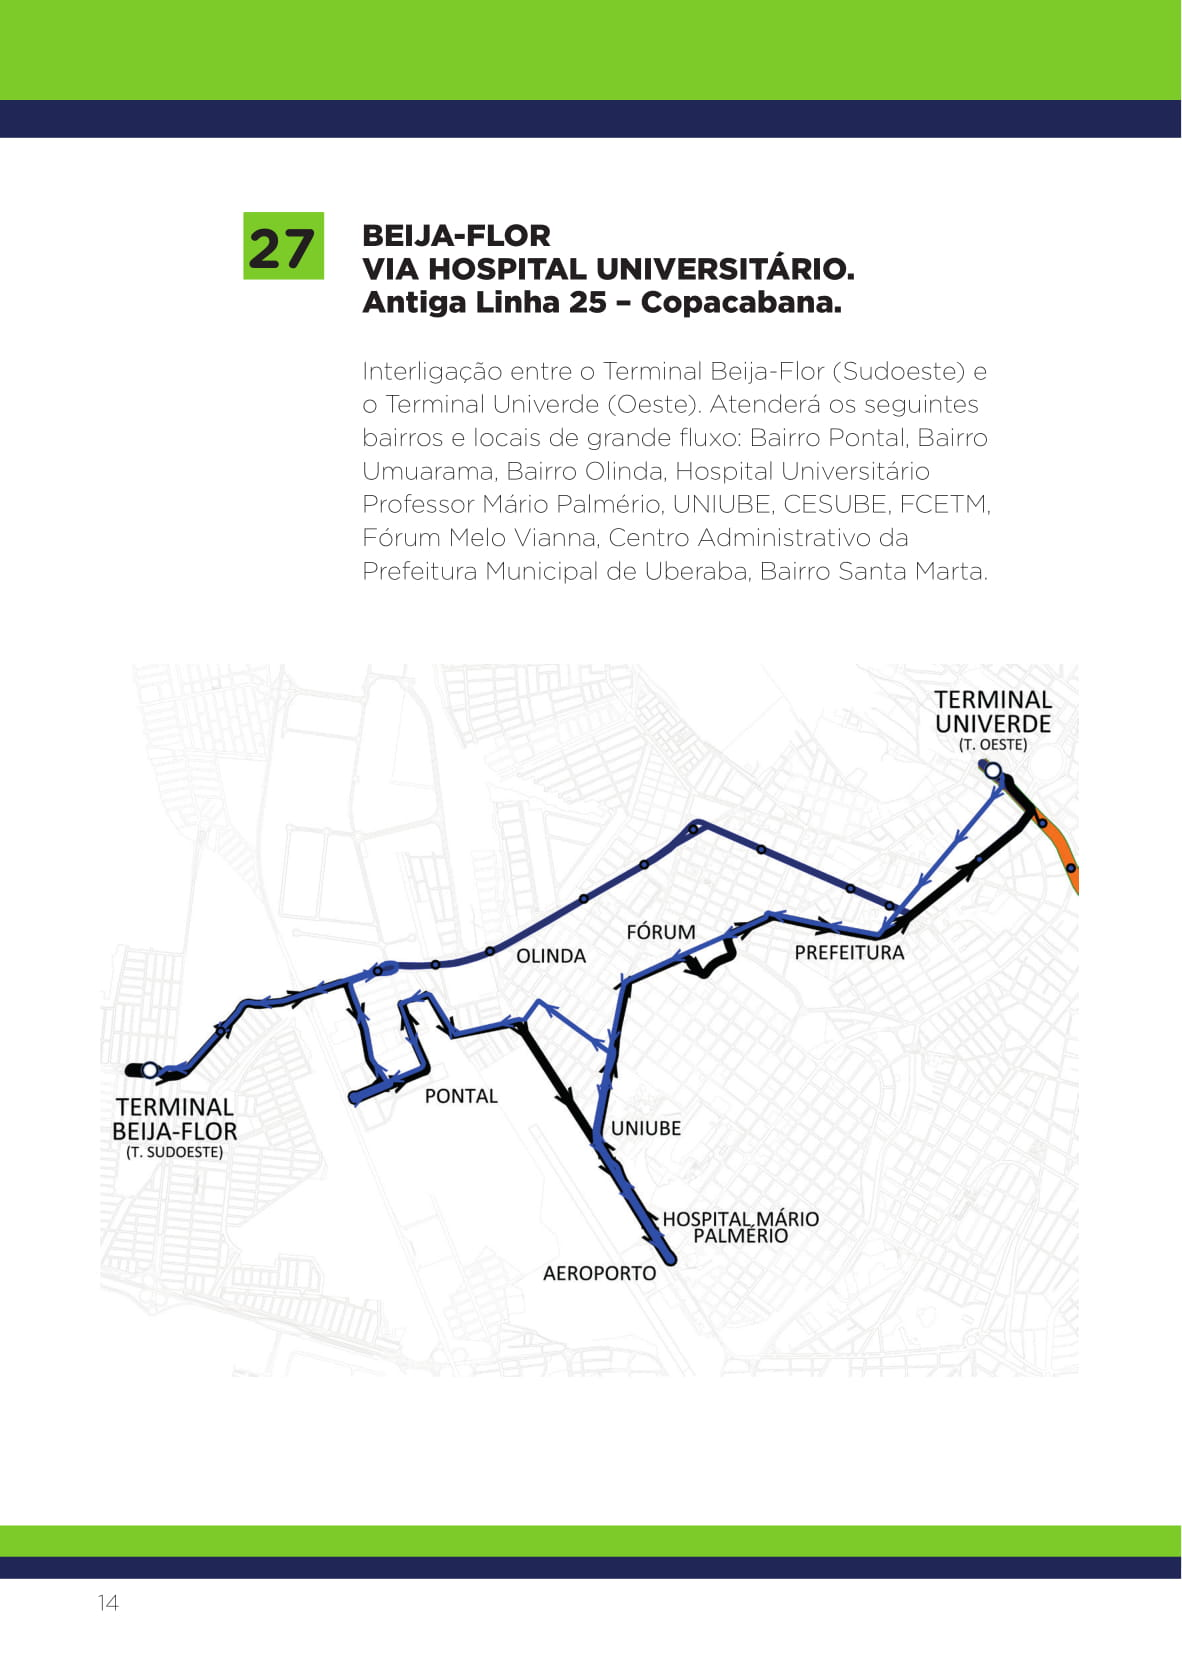 Manual_do_Usuario_BRT_Vetor-14